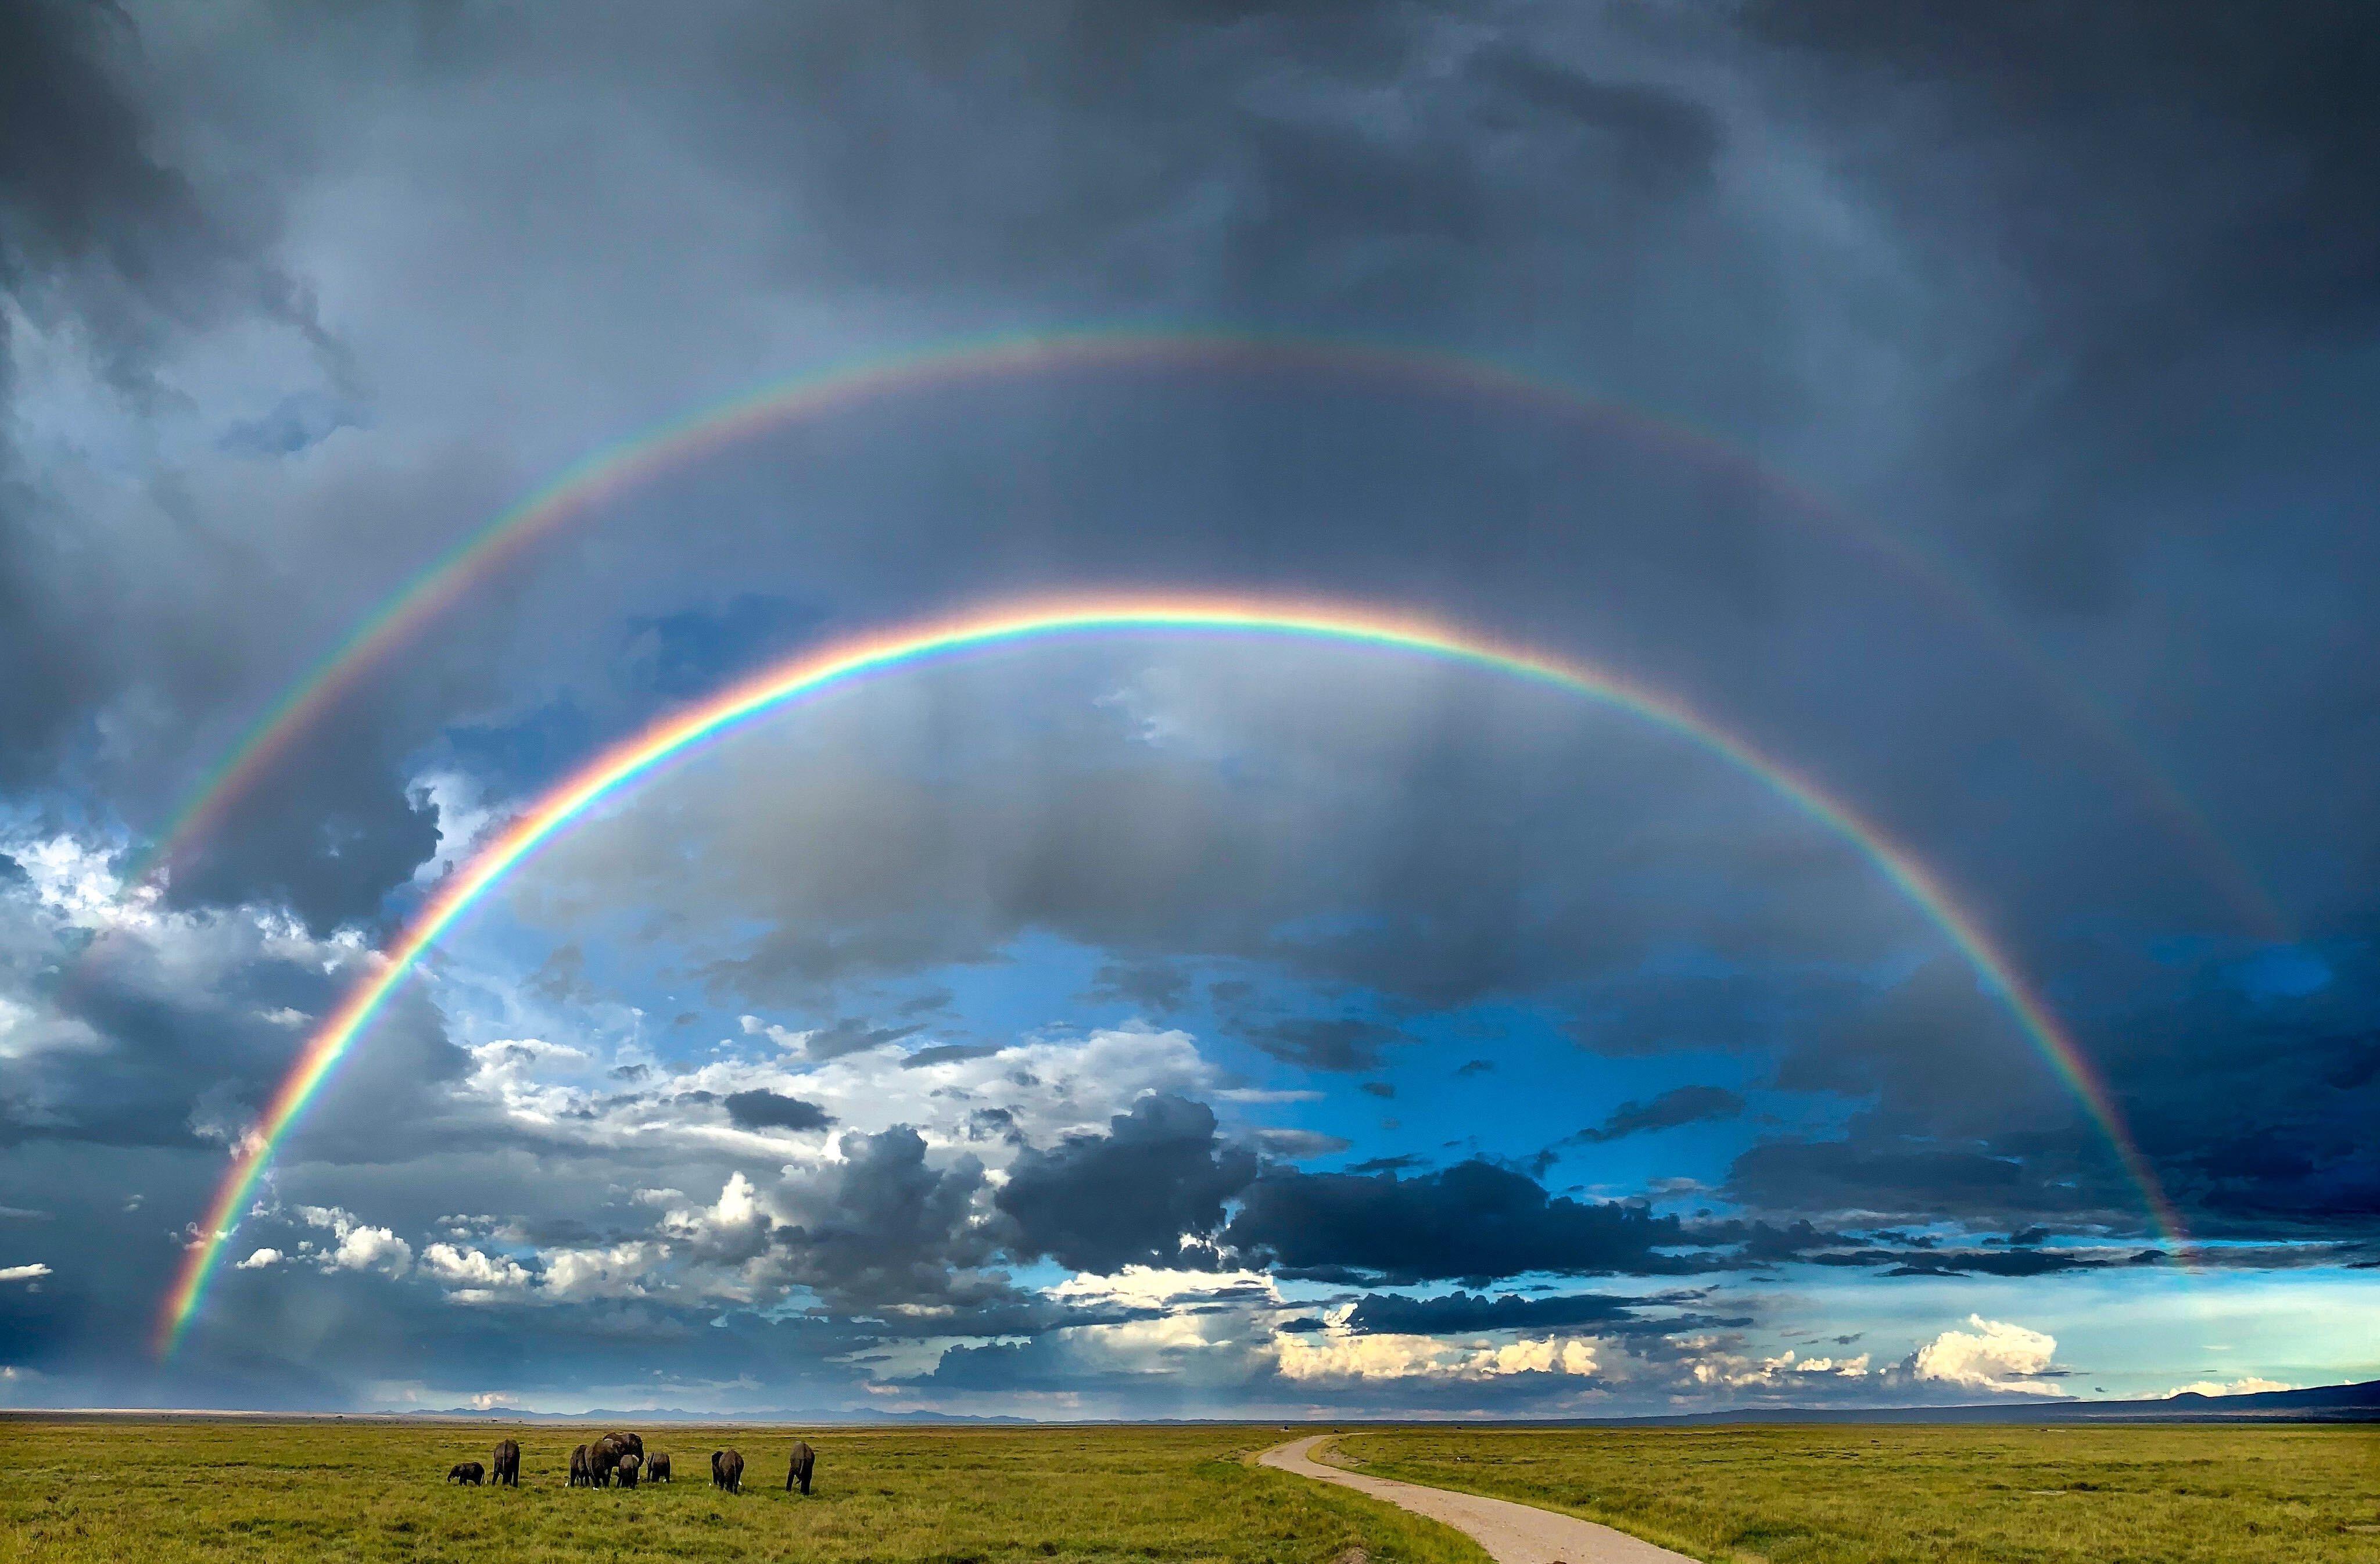 Aditya se souvient de ce moment rare capturé dans le parc national d'Amboseli (Kenya) lorsque des doubles arcs-en-ciel sont apparus dans le ciel après de fortes pluies continues (Photo: Varun Aditya)